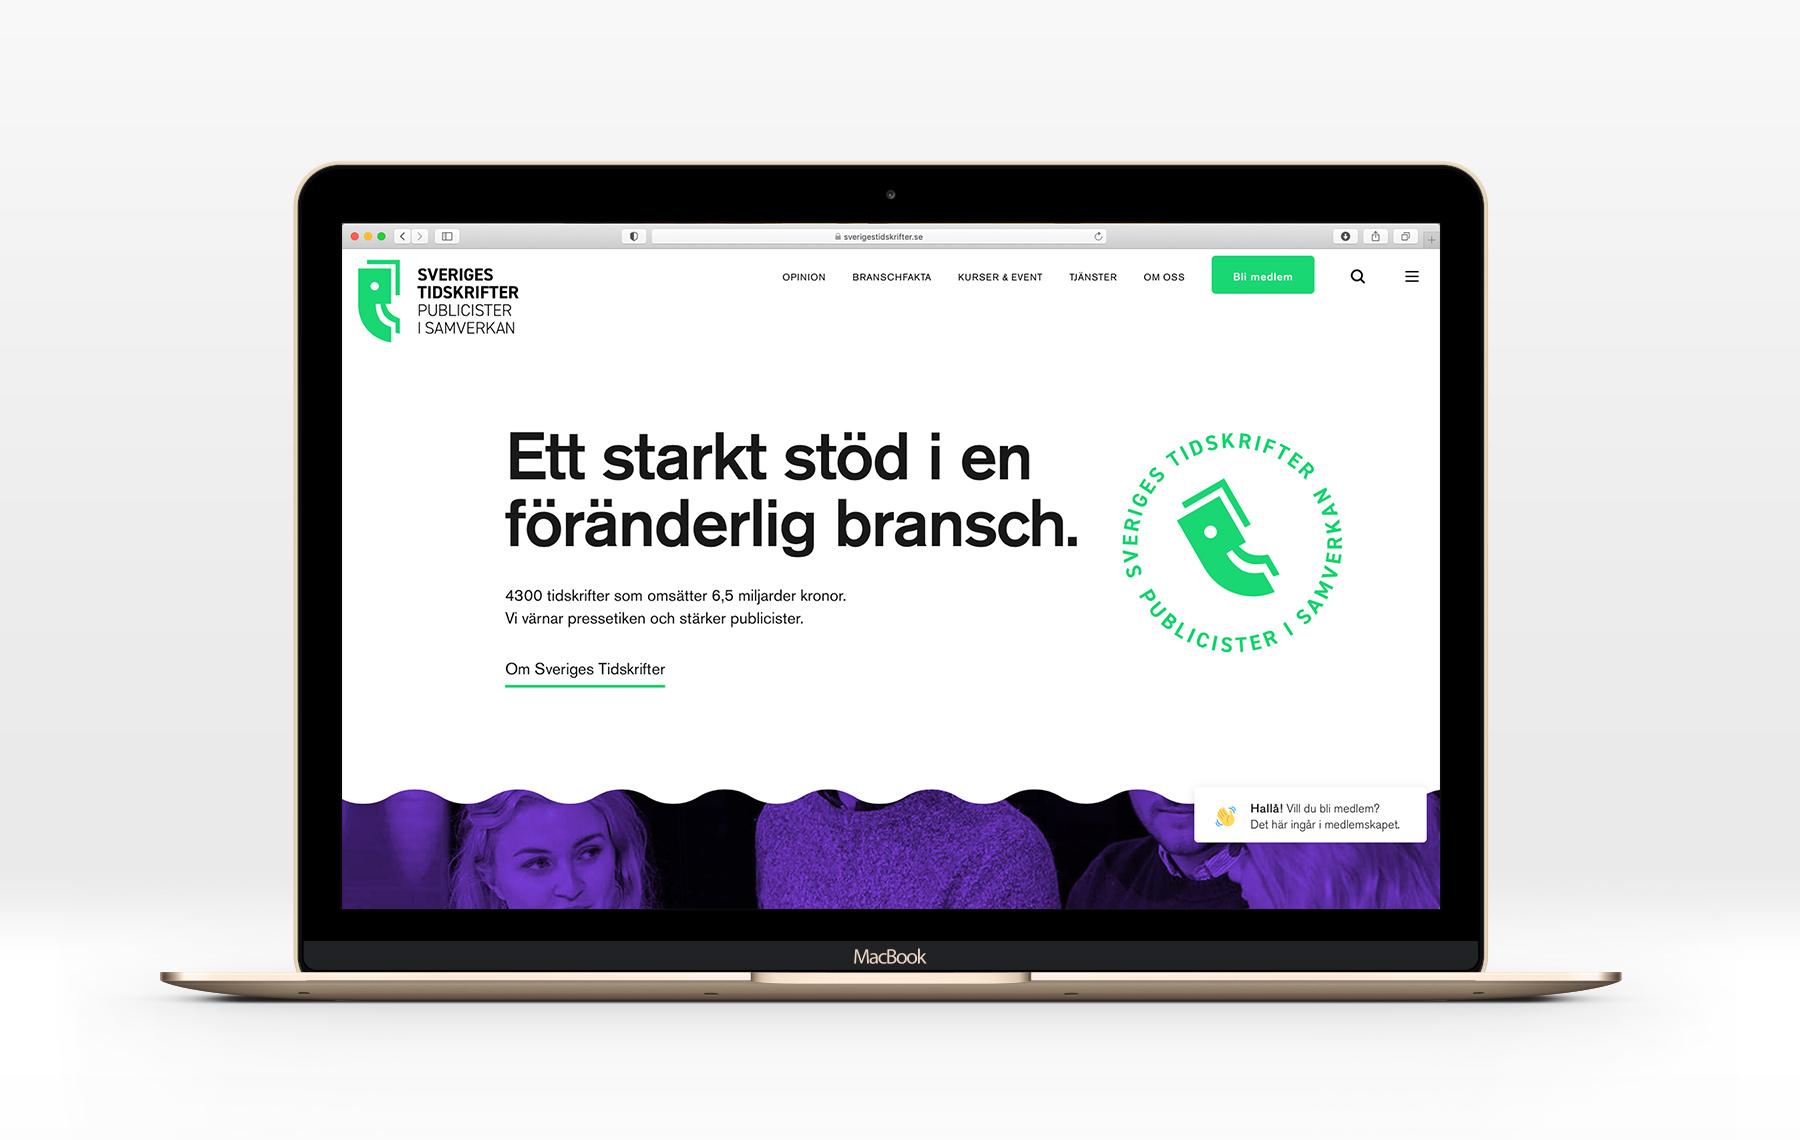 Sveriges Tidskrifter webb desktop